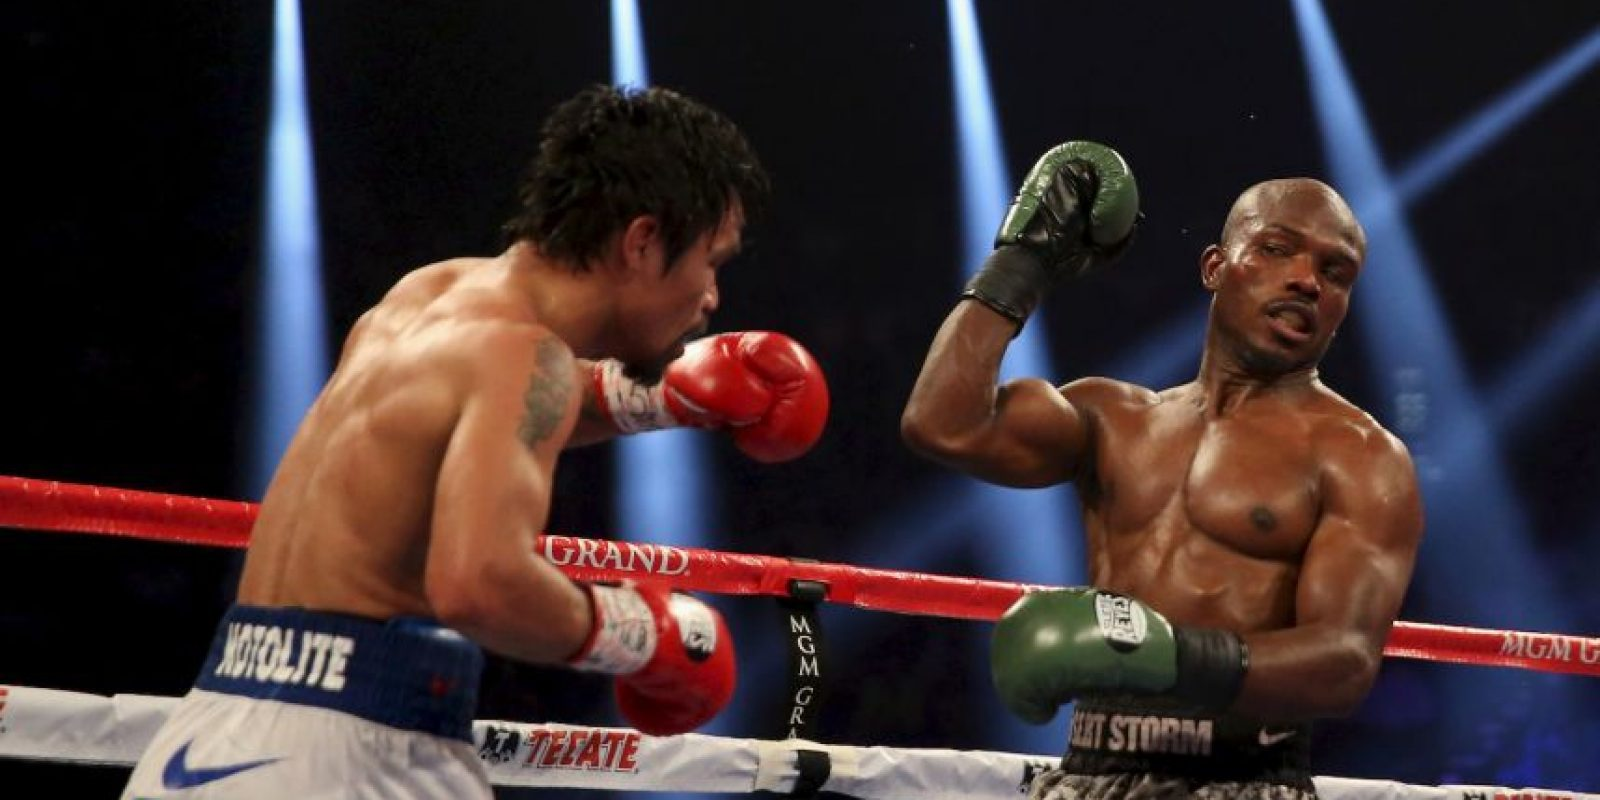 Bradley venció a Pacquiao en su primera pelea, pero en 2014 la victoria se la llevó el filipino por decisión unánime Foto:Getty Images